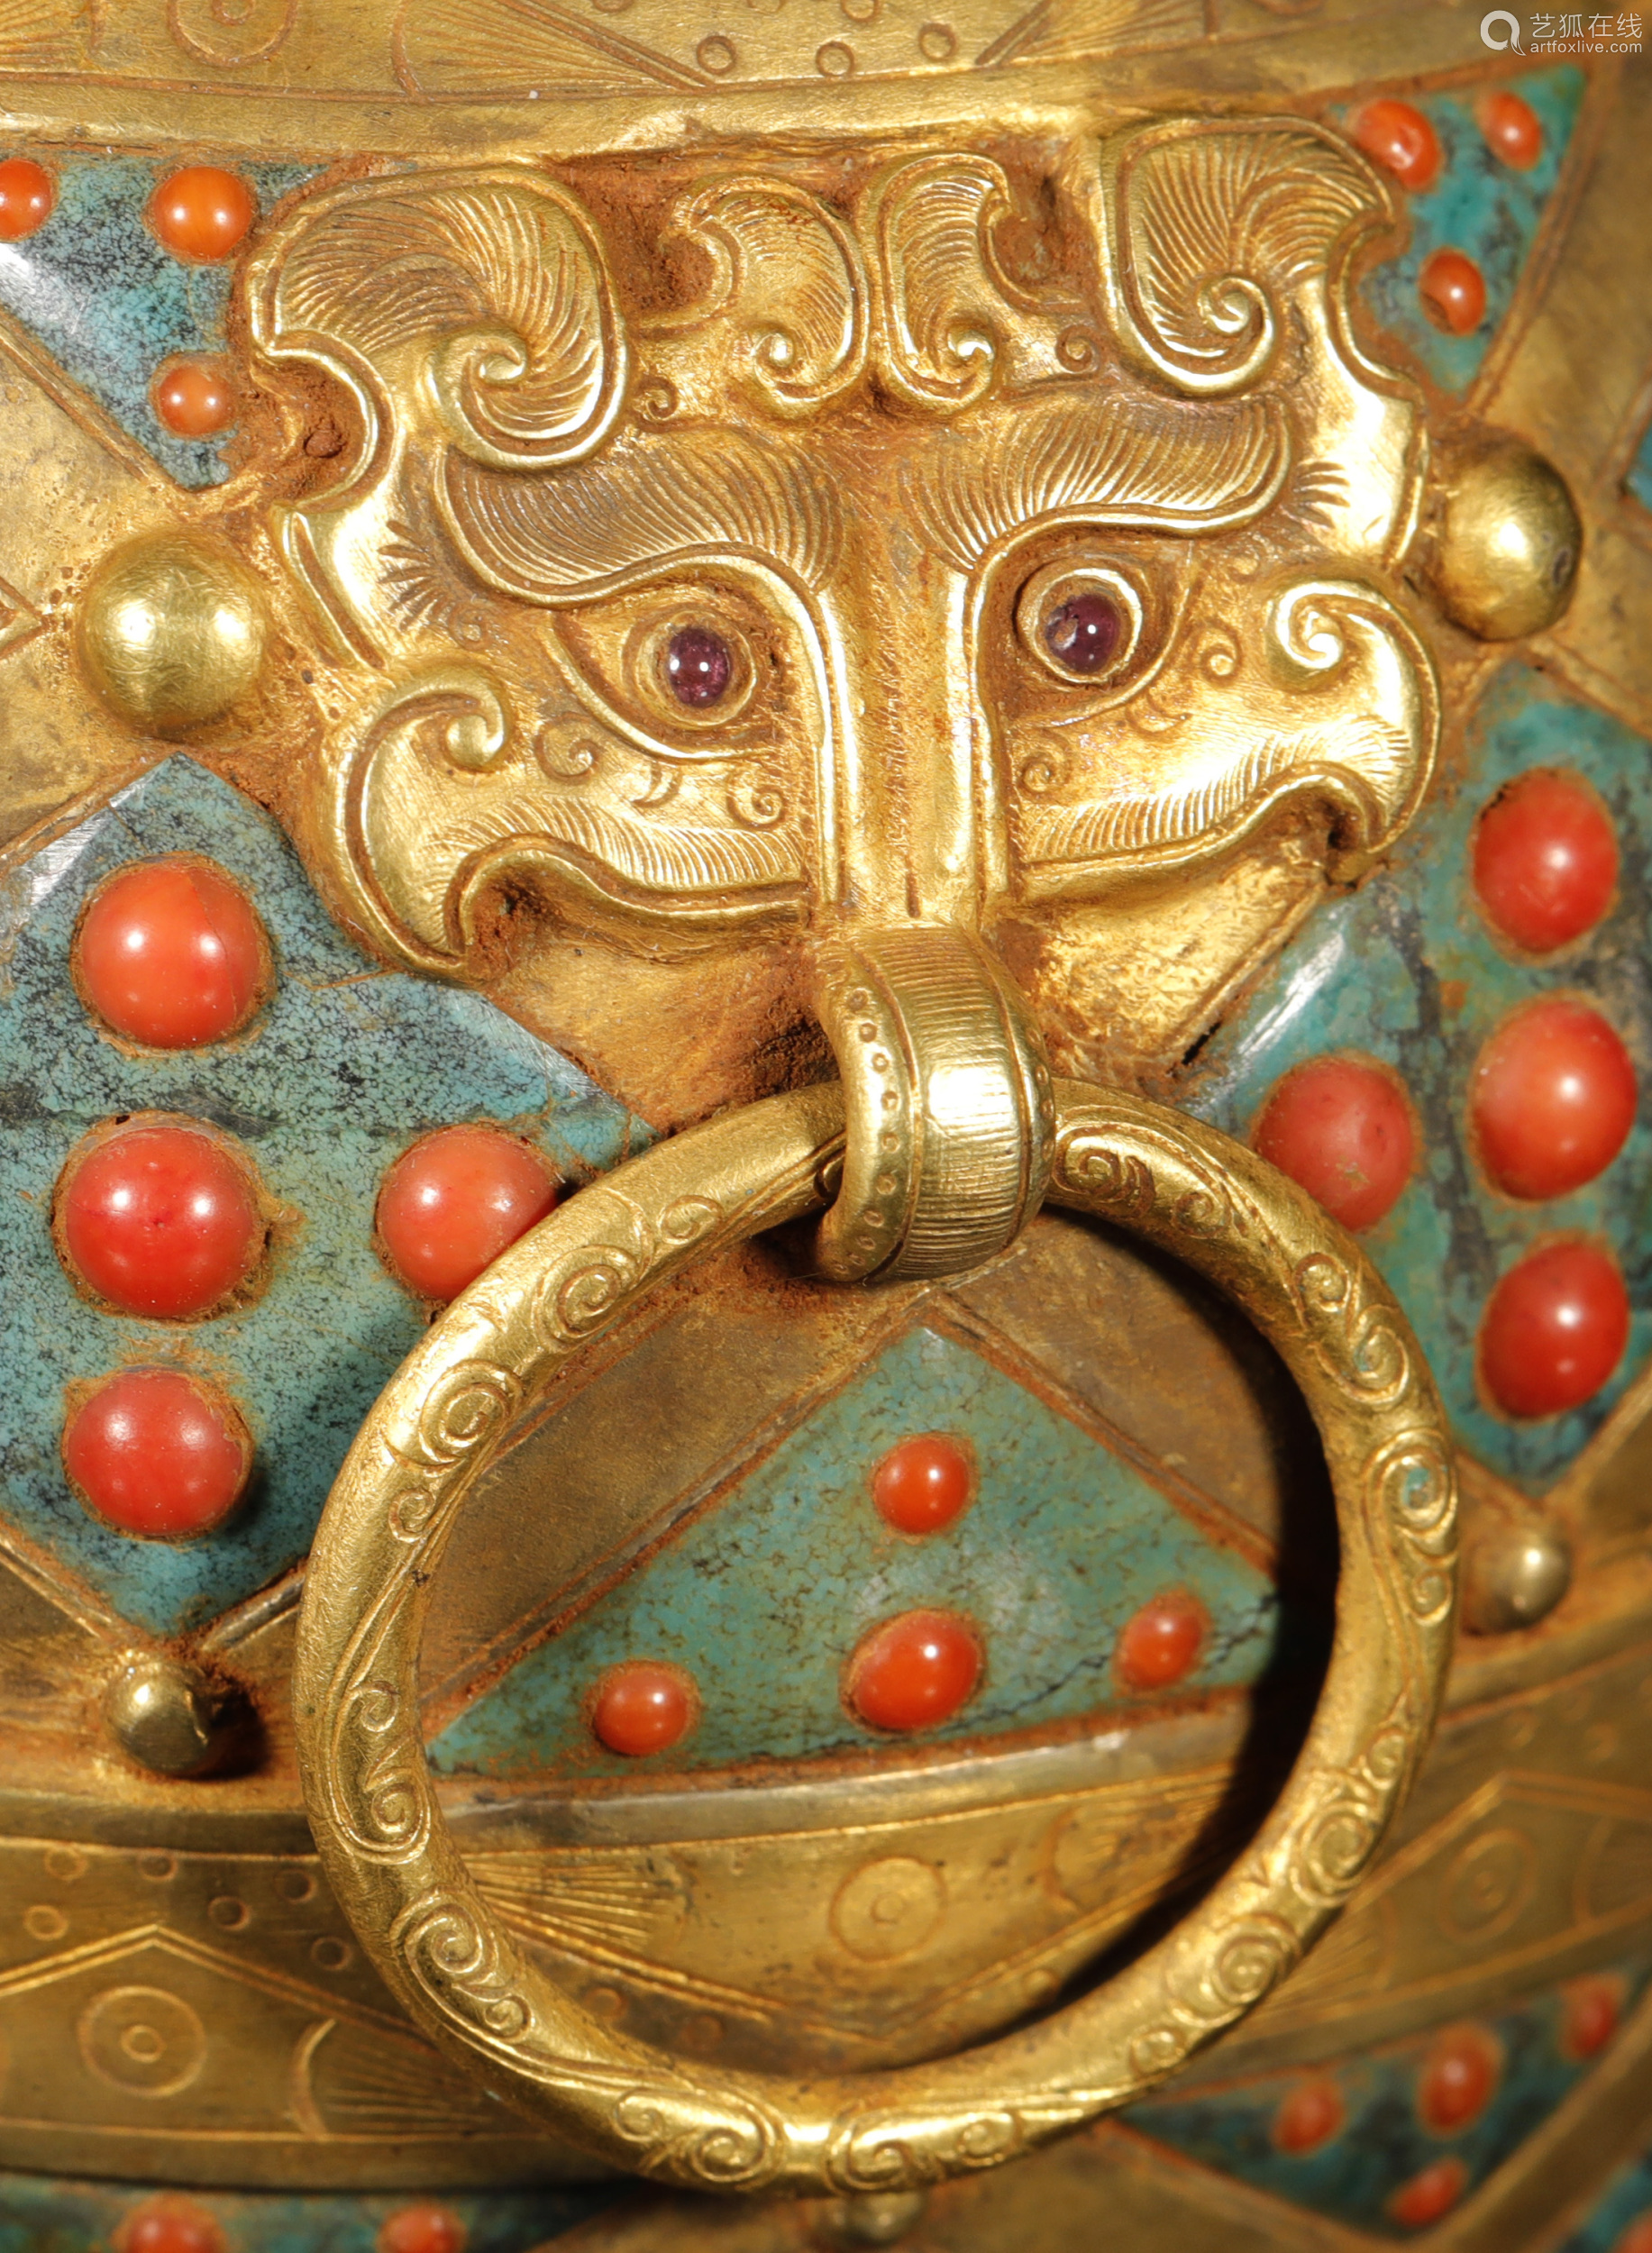 汉代 银鎏金嵌松石盖壶一对